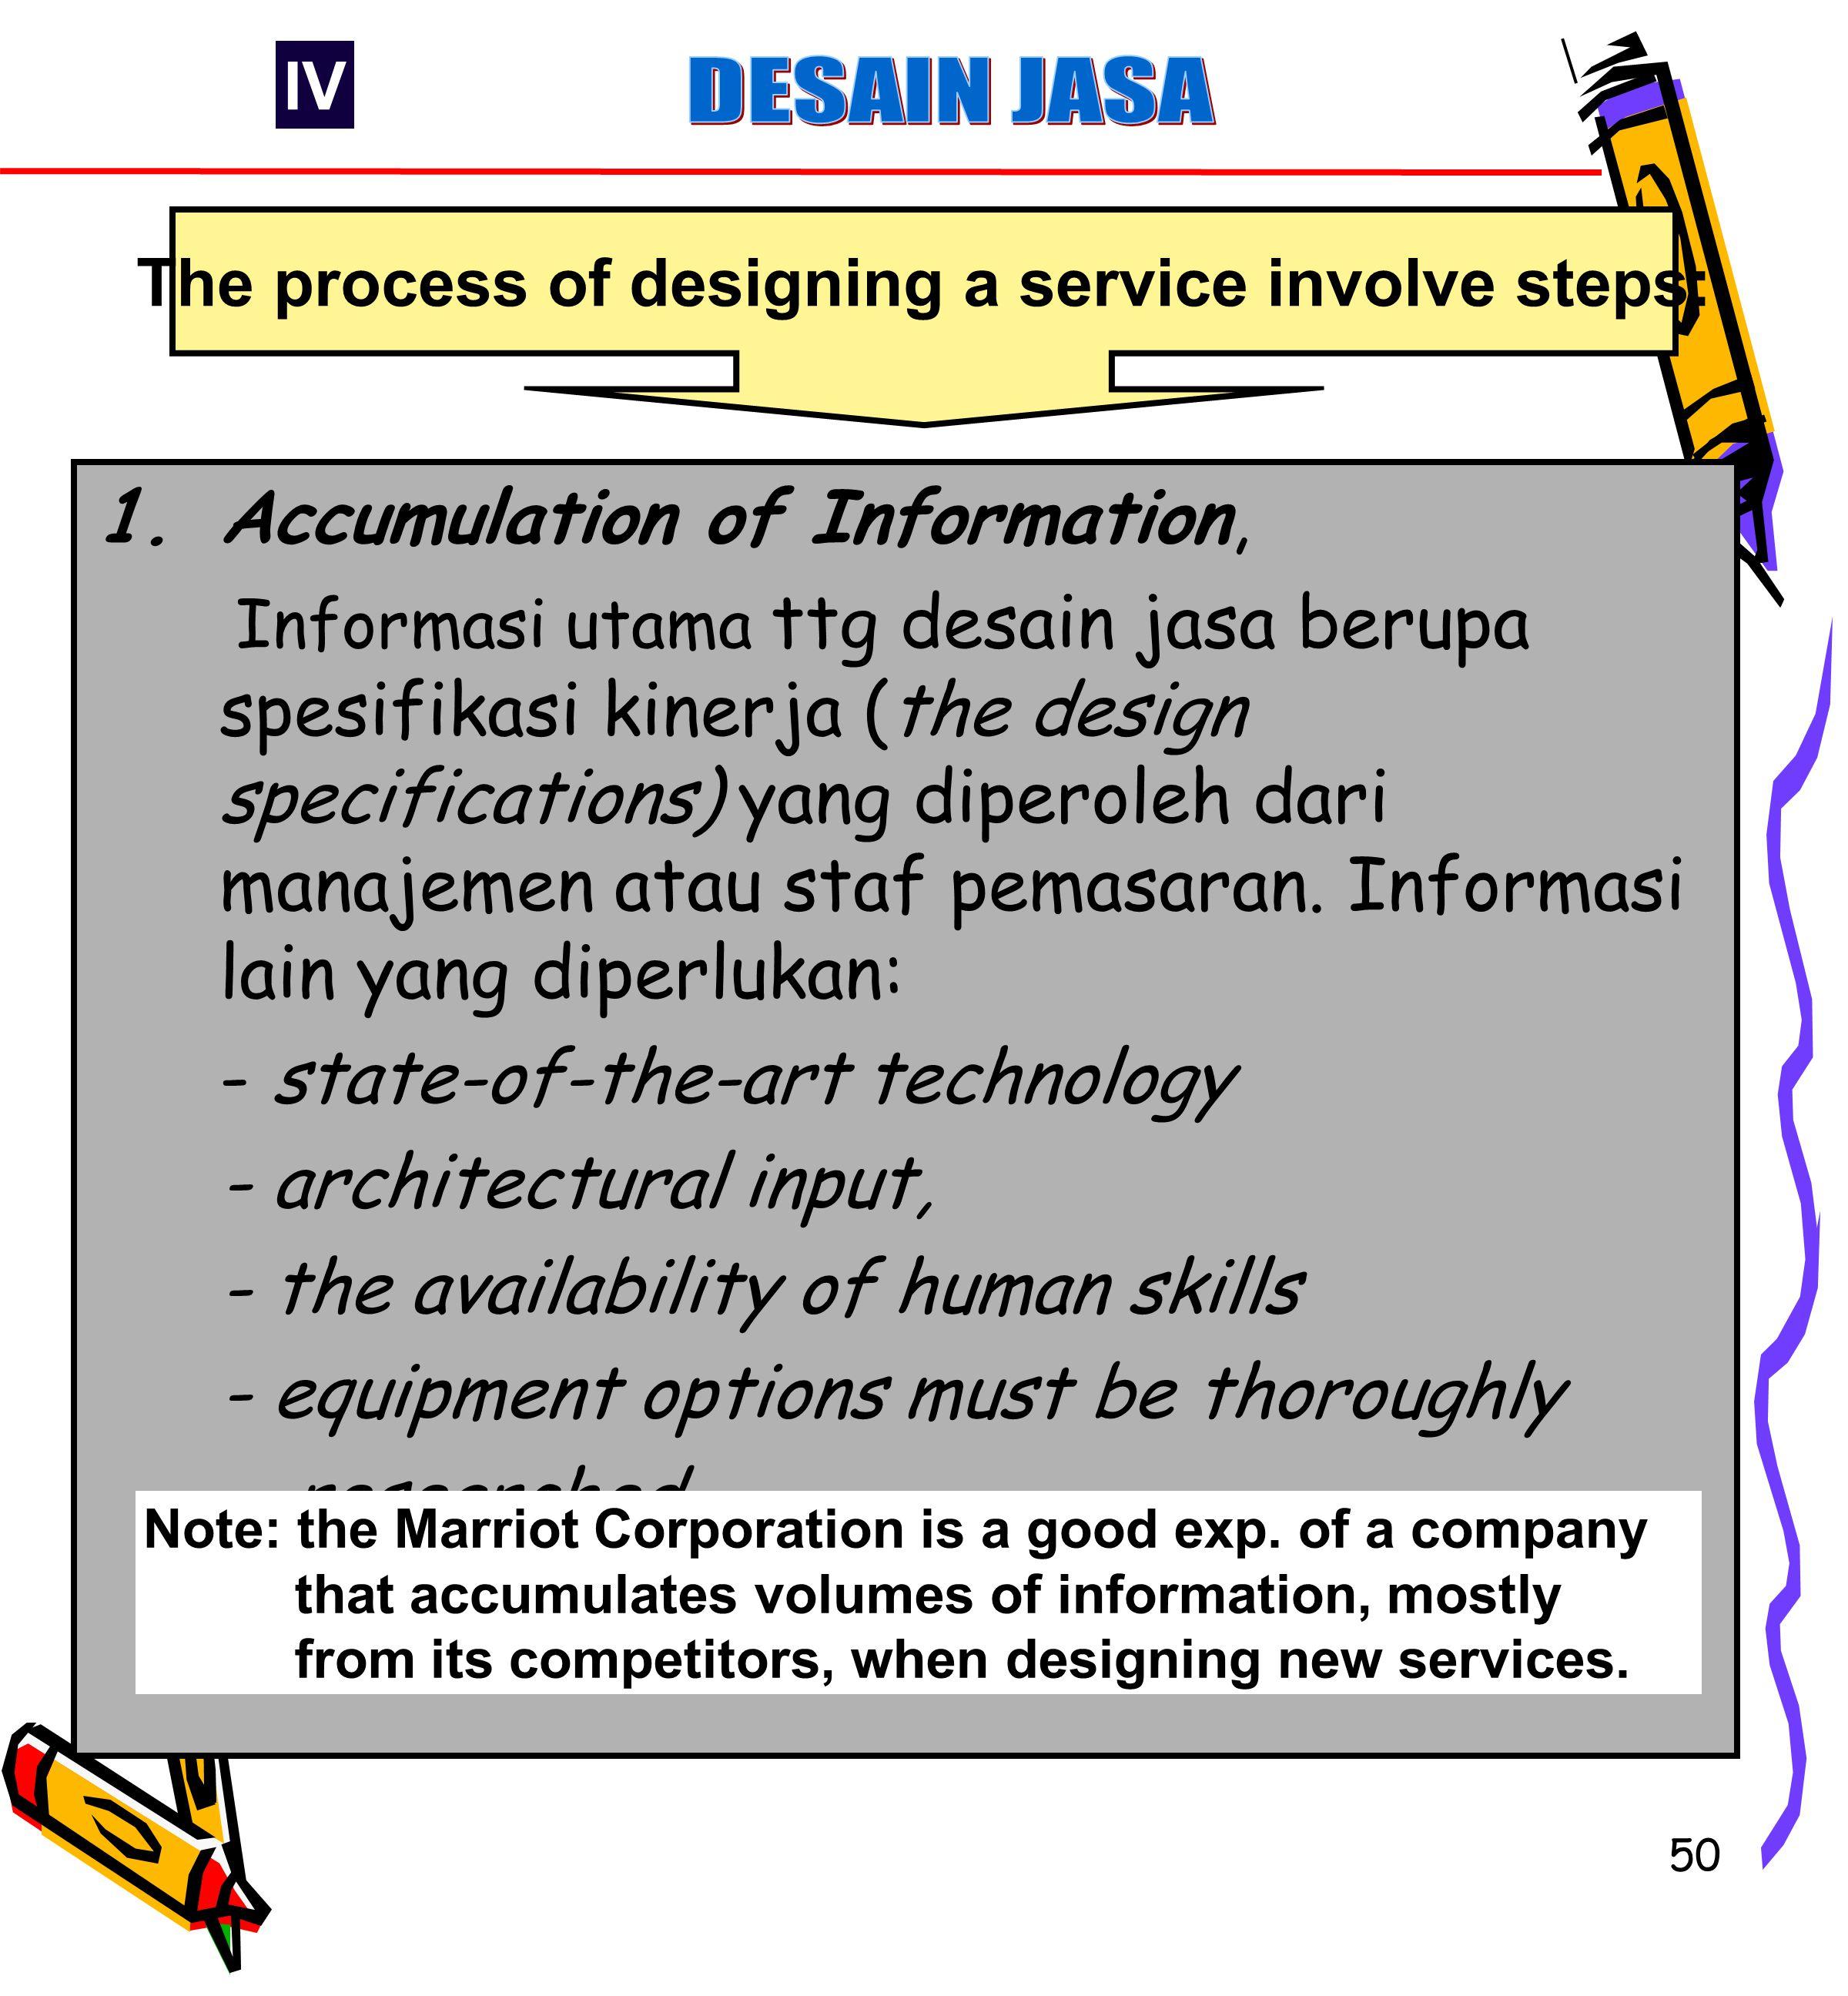 50 1.Accumulation of Information, Informasi utama ttg desain jasa berupa spesifikasi kinerja (the design specifications) yang diperoleh dari manajemen atau staf pemasaran.